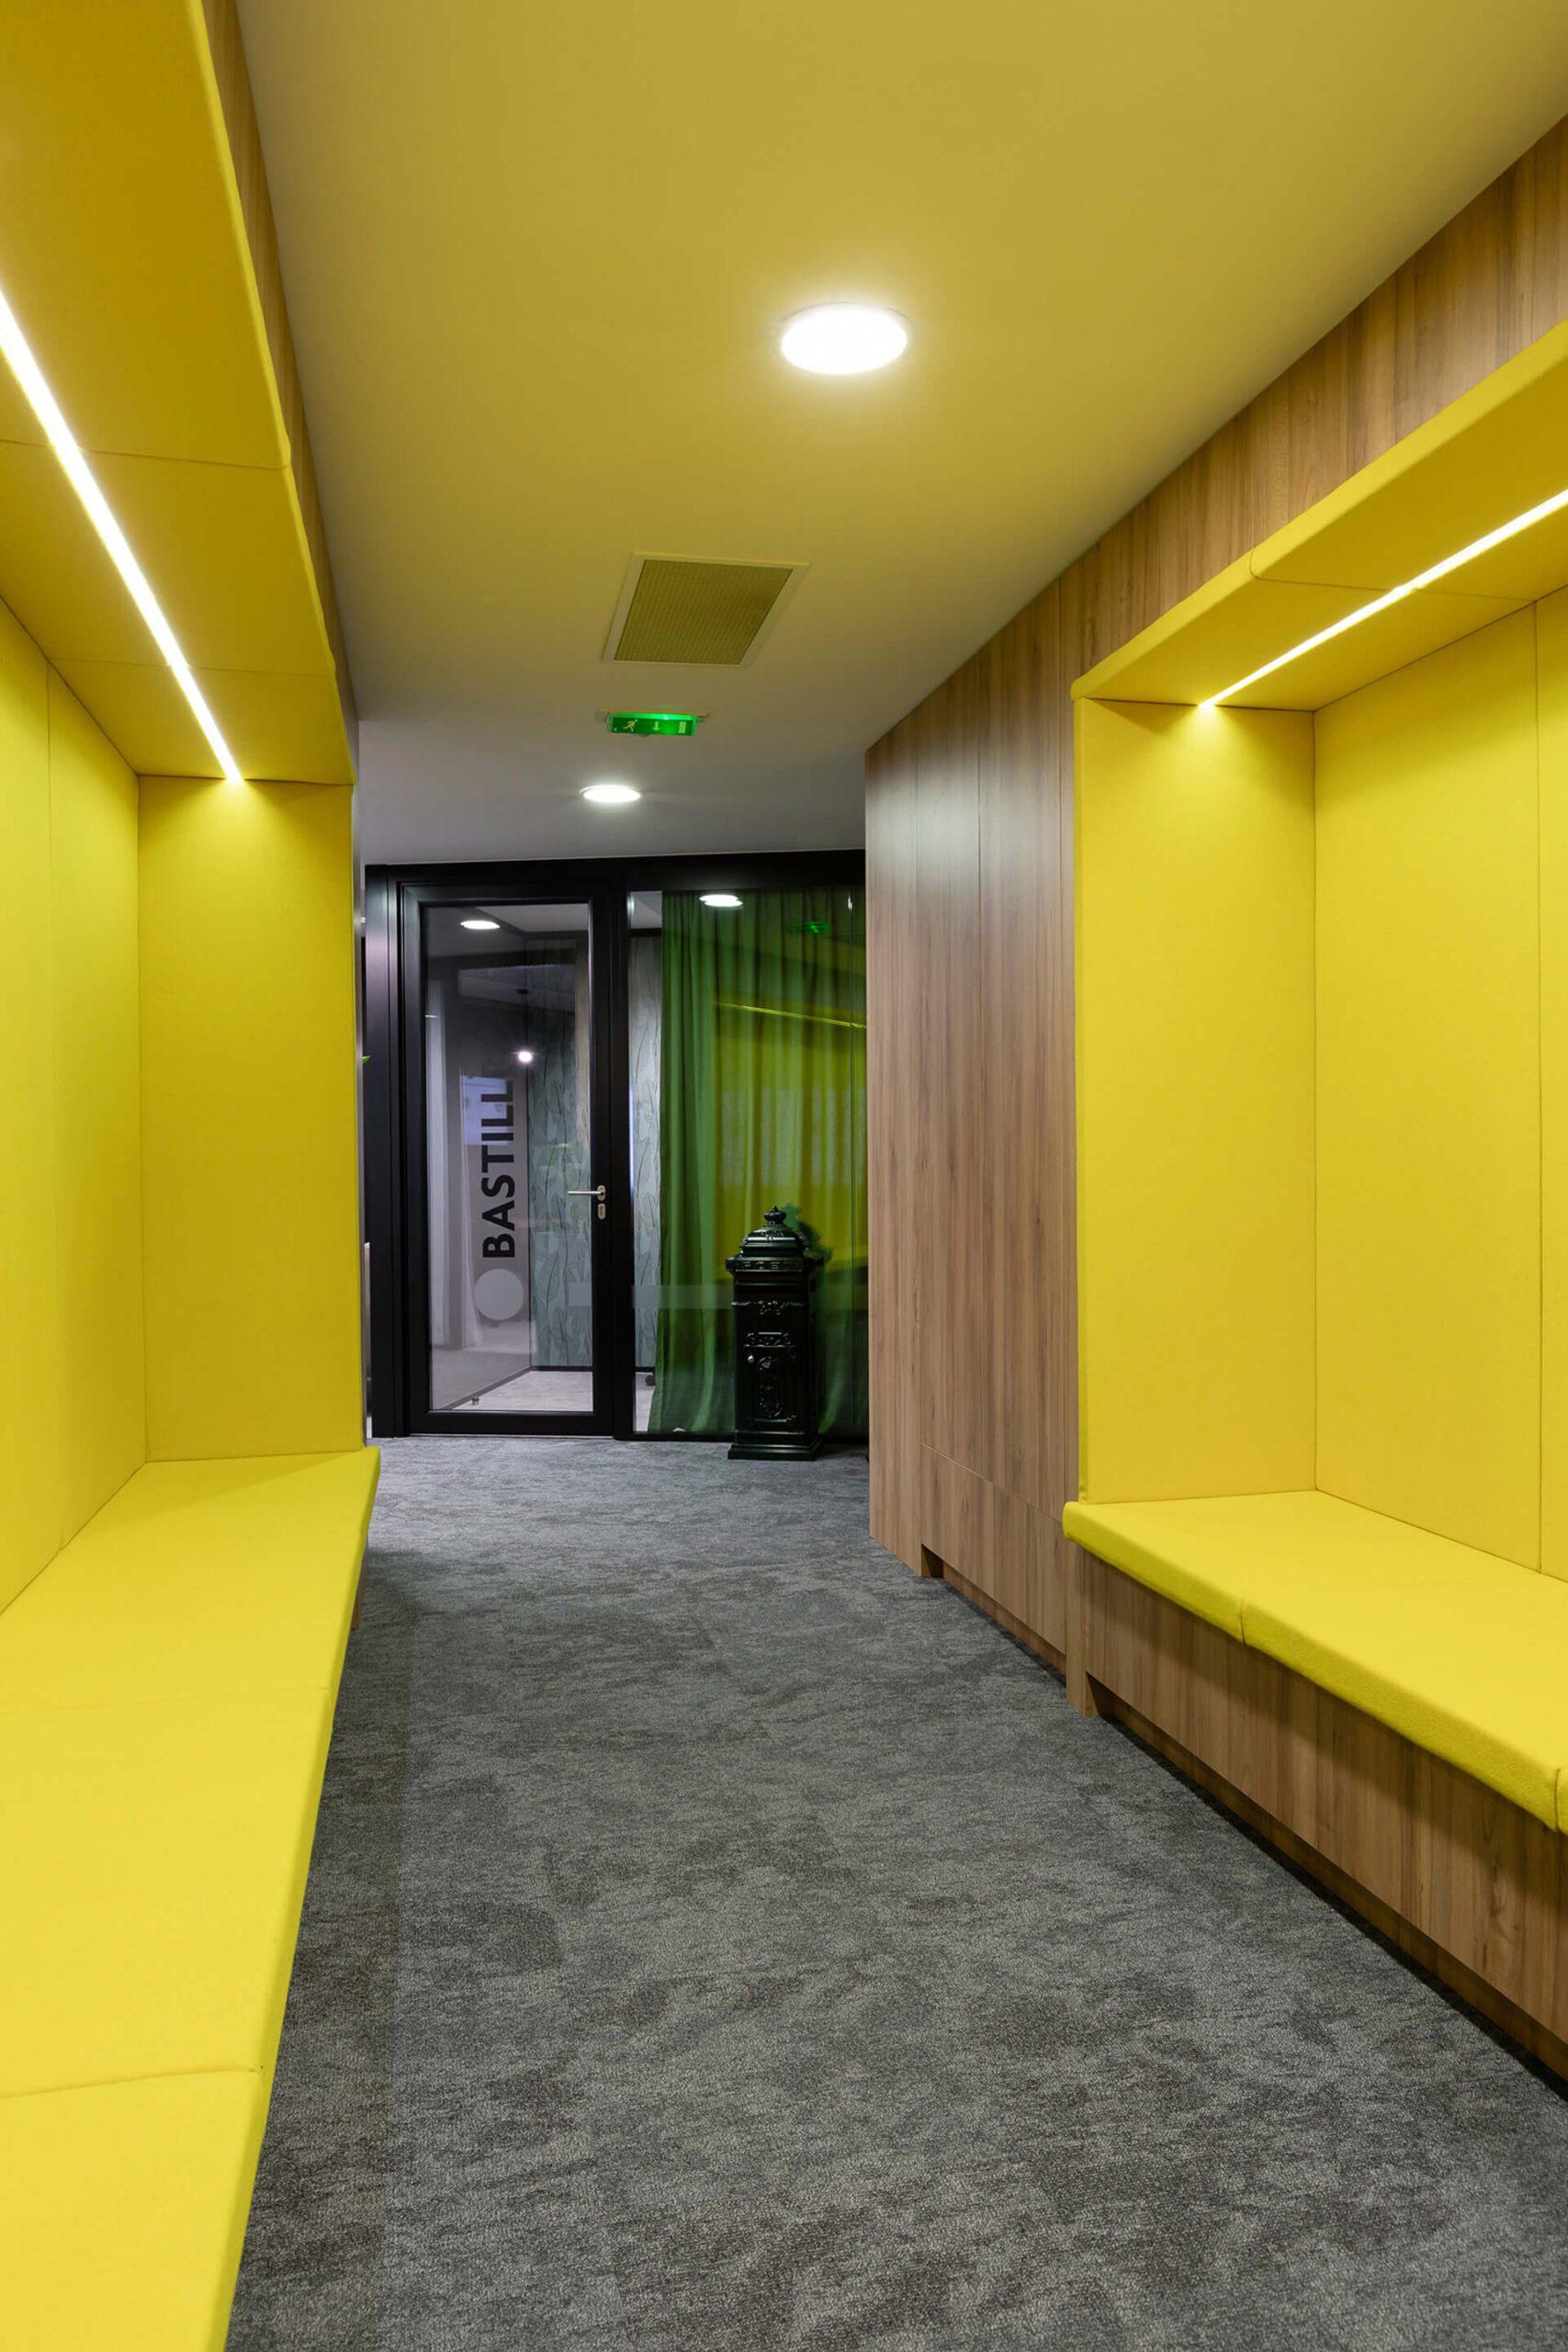 corredor com bancos embutidos amarelos e em madeira